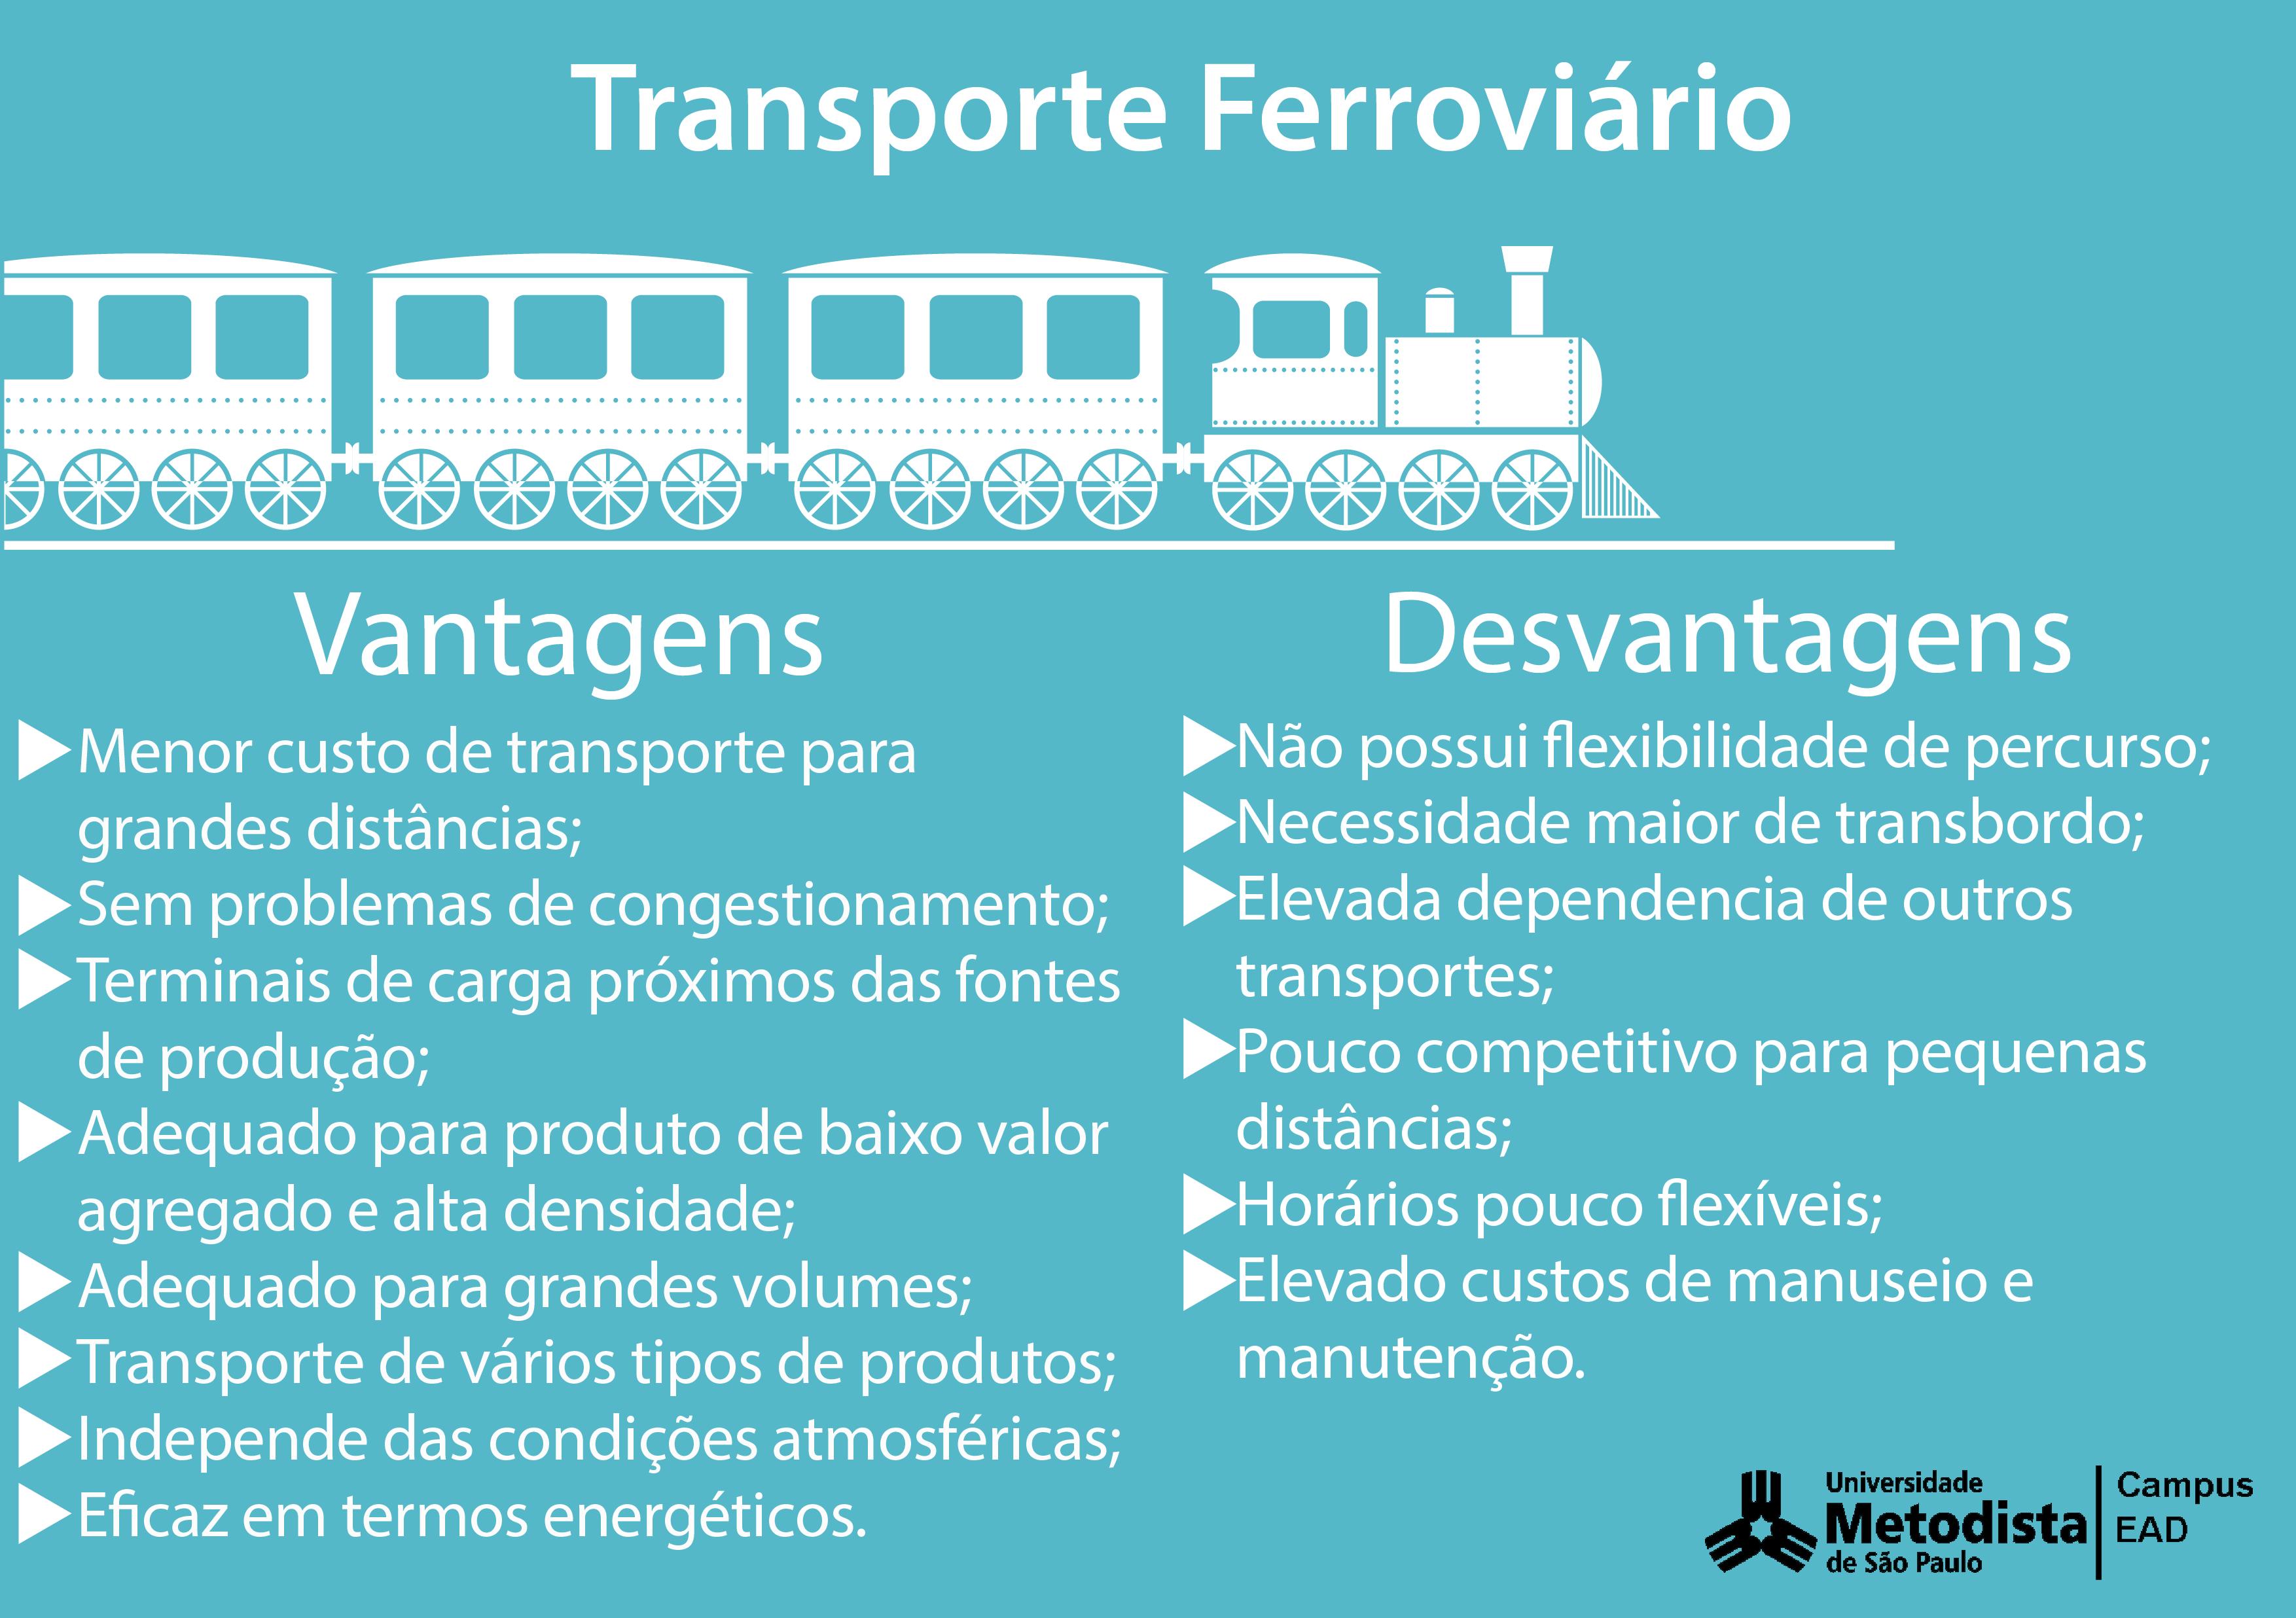 Vantagens do Transporte Marítimo - Green Ibérica